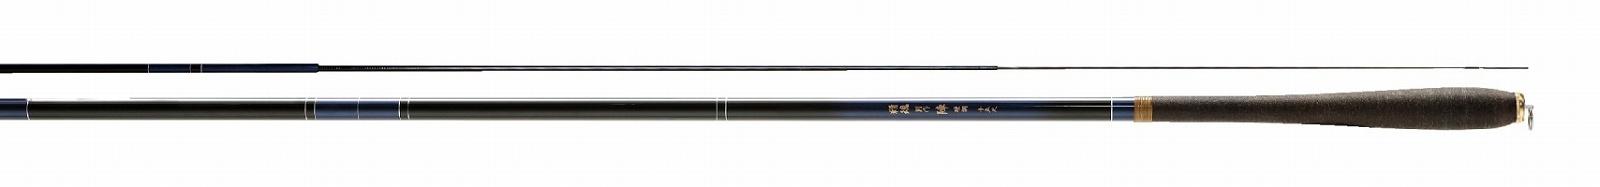 宇崎日新 精魂 別作 陣 (振出)(セイコン ベッサク ジン)硬調 13尺 ヘラ竿・鯉竿 NISSIN Made in Japan日本製